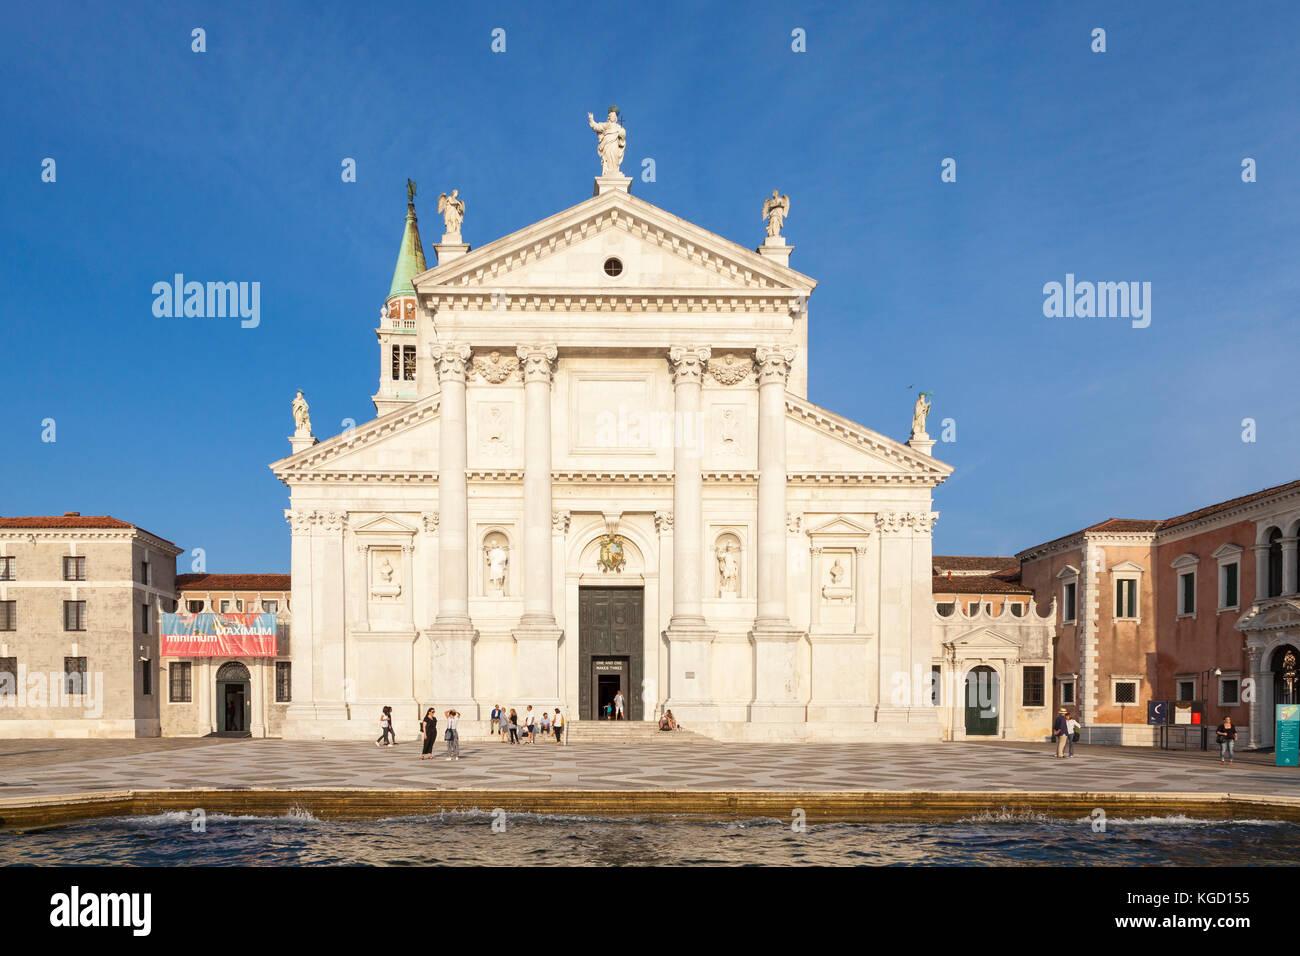 Façade de l'église San Giorgio Maggiore conçue par Palladio sur Isola San Giorgio Maggiore, à Venise, Italie au coucher du soleil. Les touristes dans l'avant-cour Banque D'Images